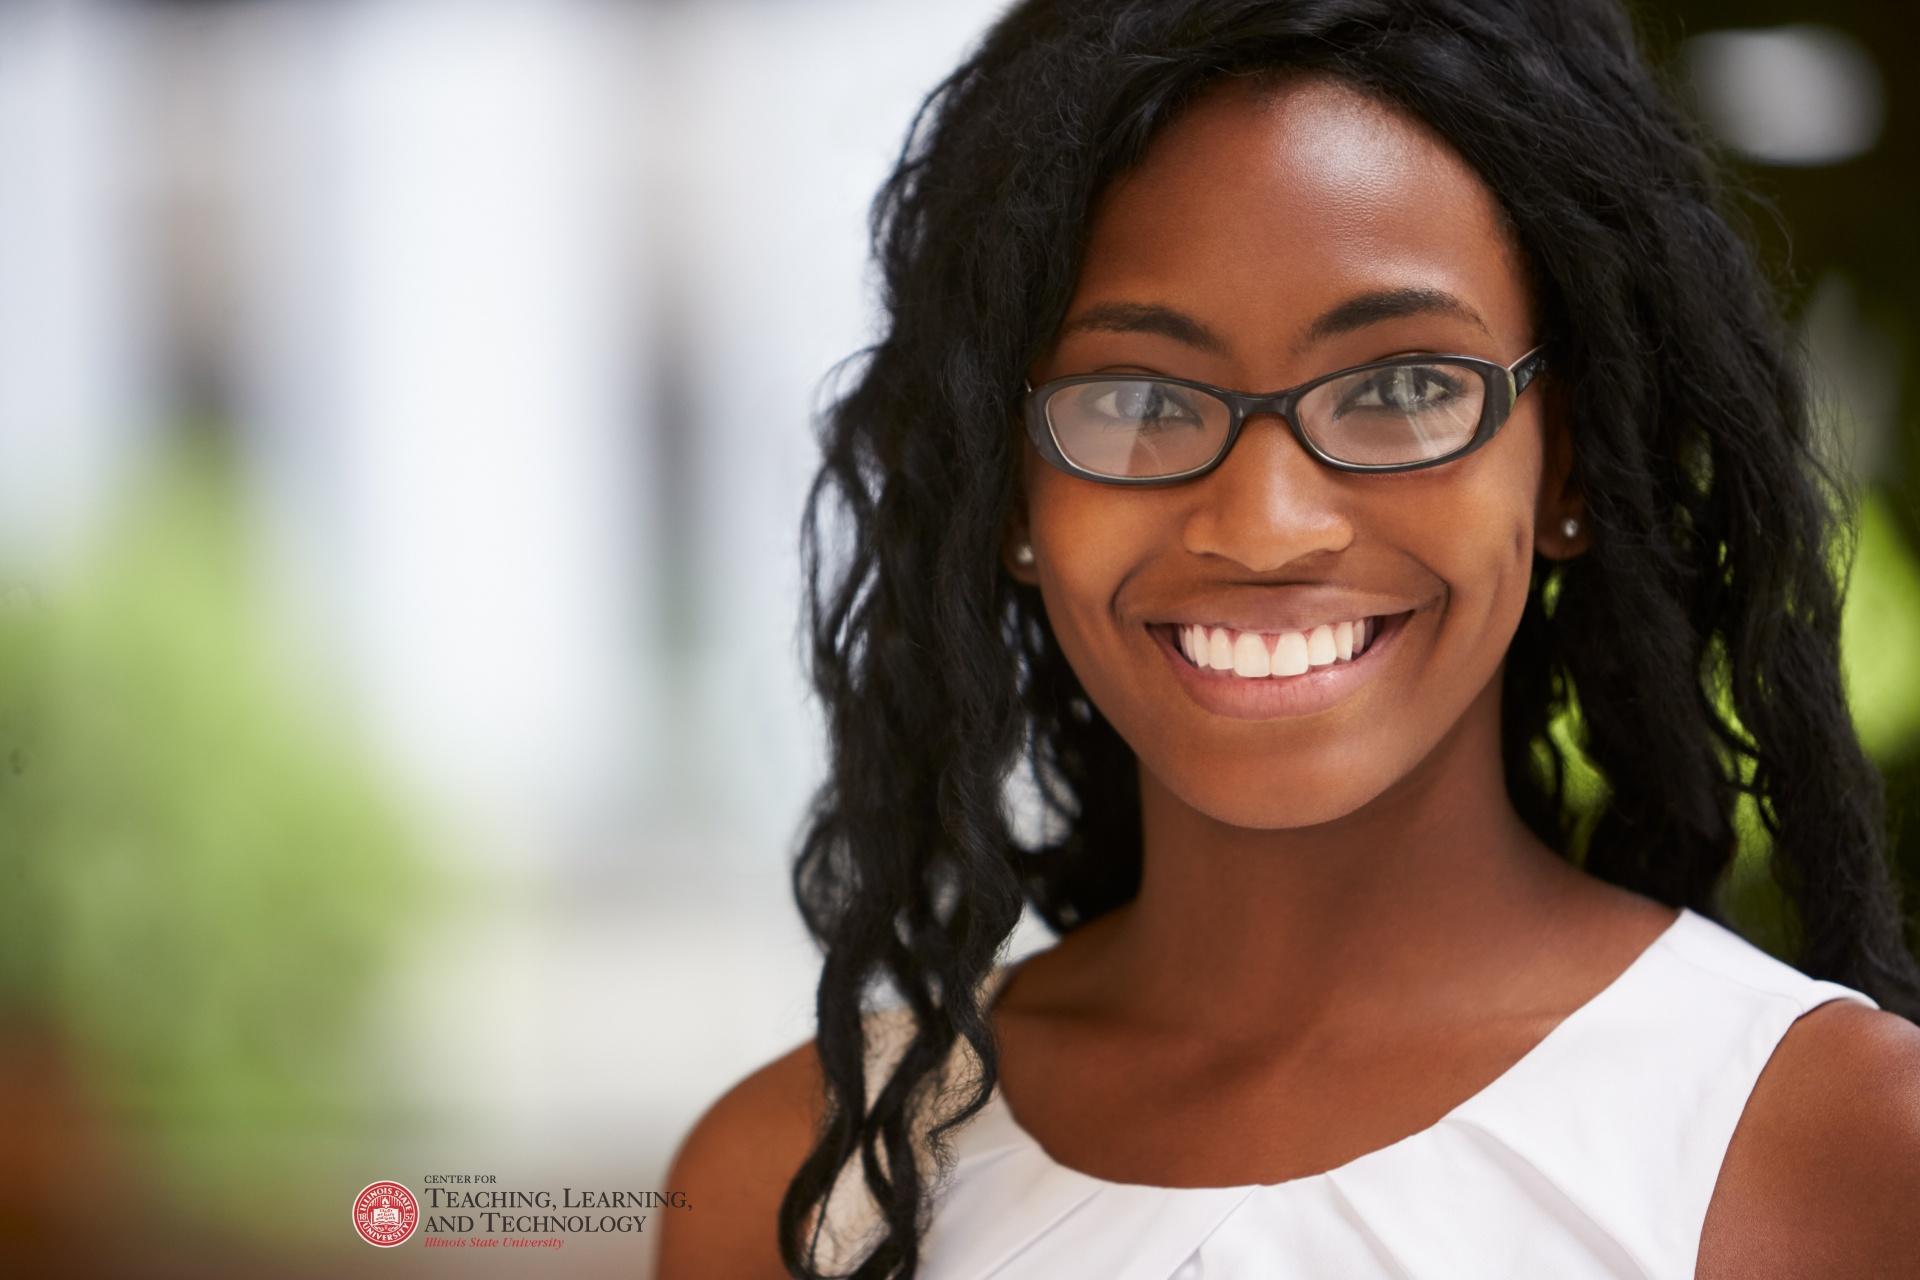 Woman looking at camera, smiling